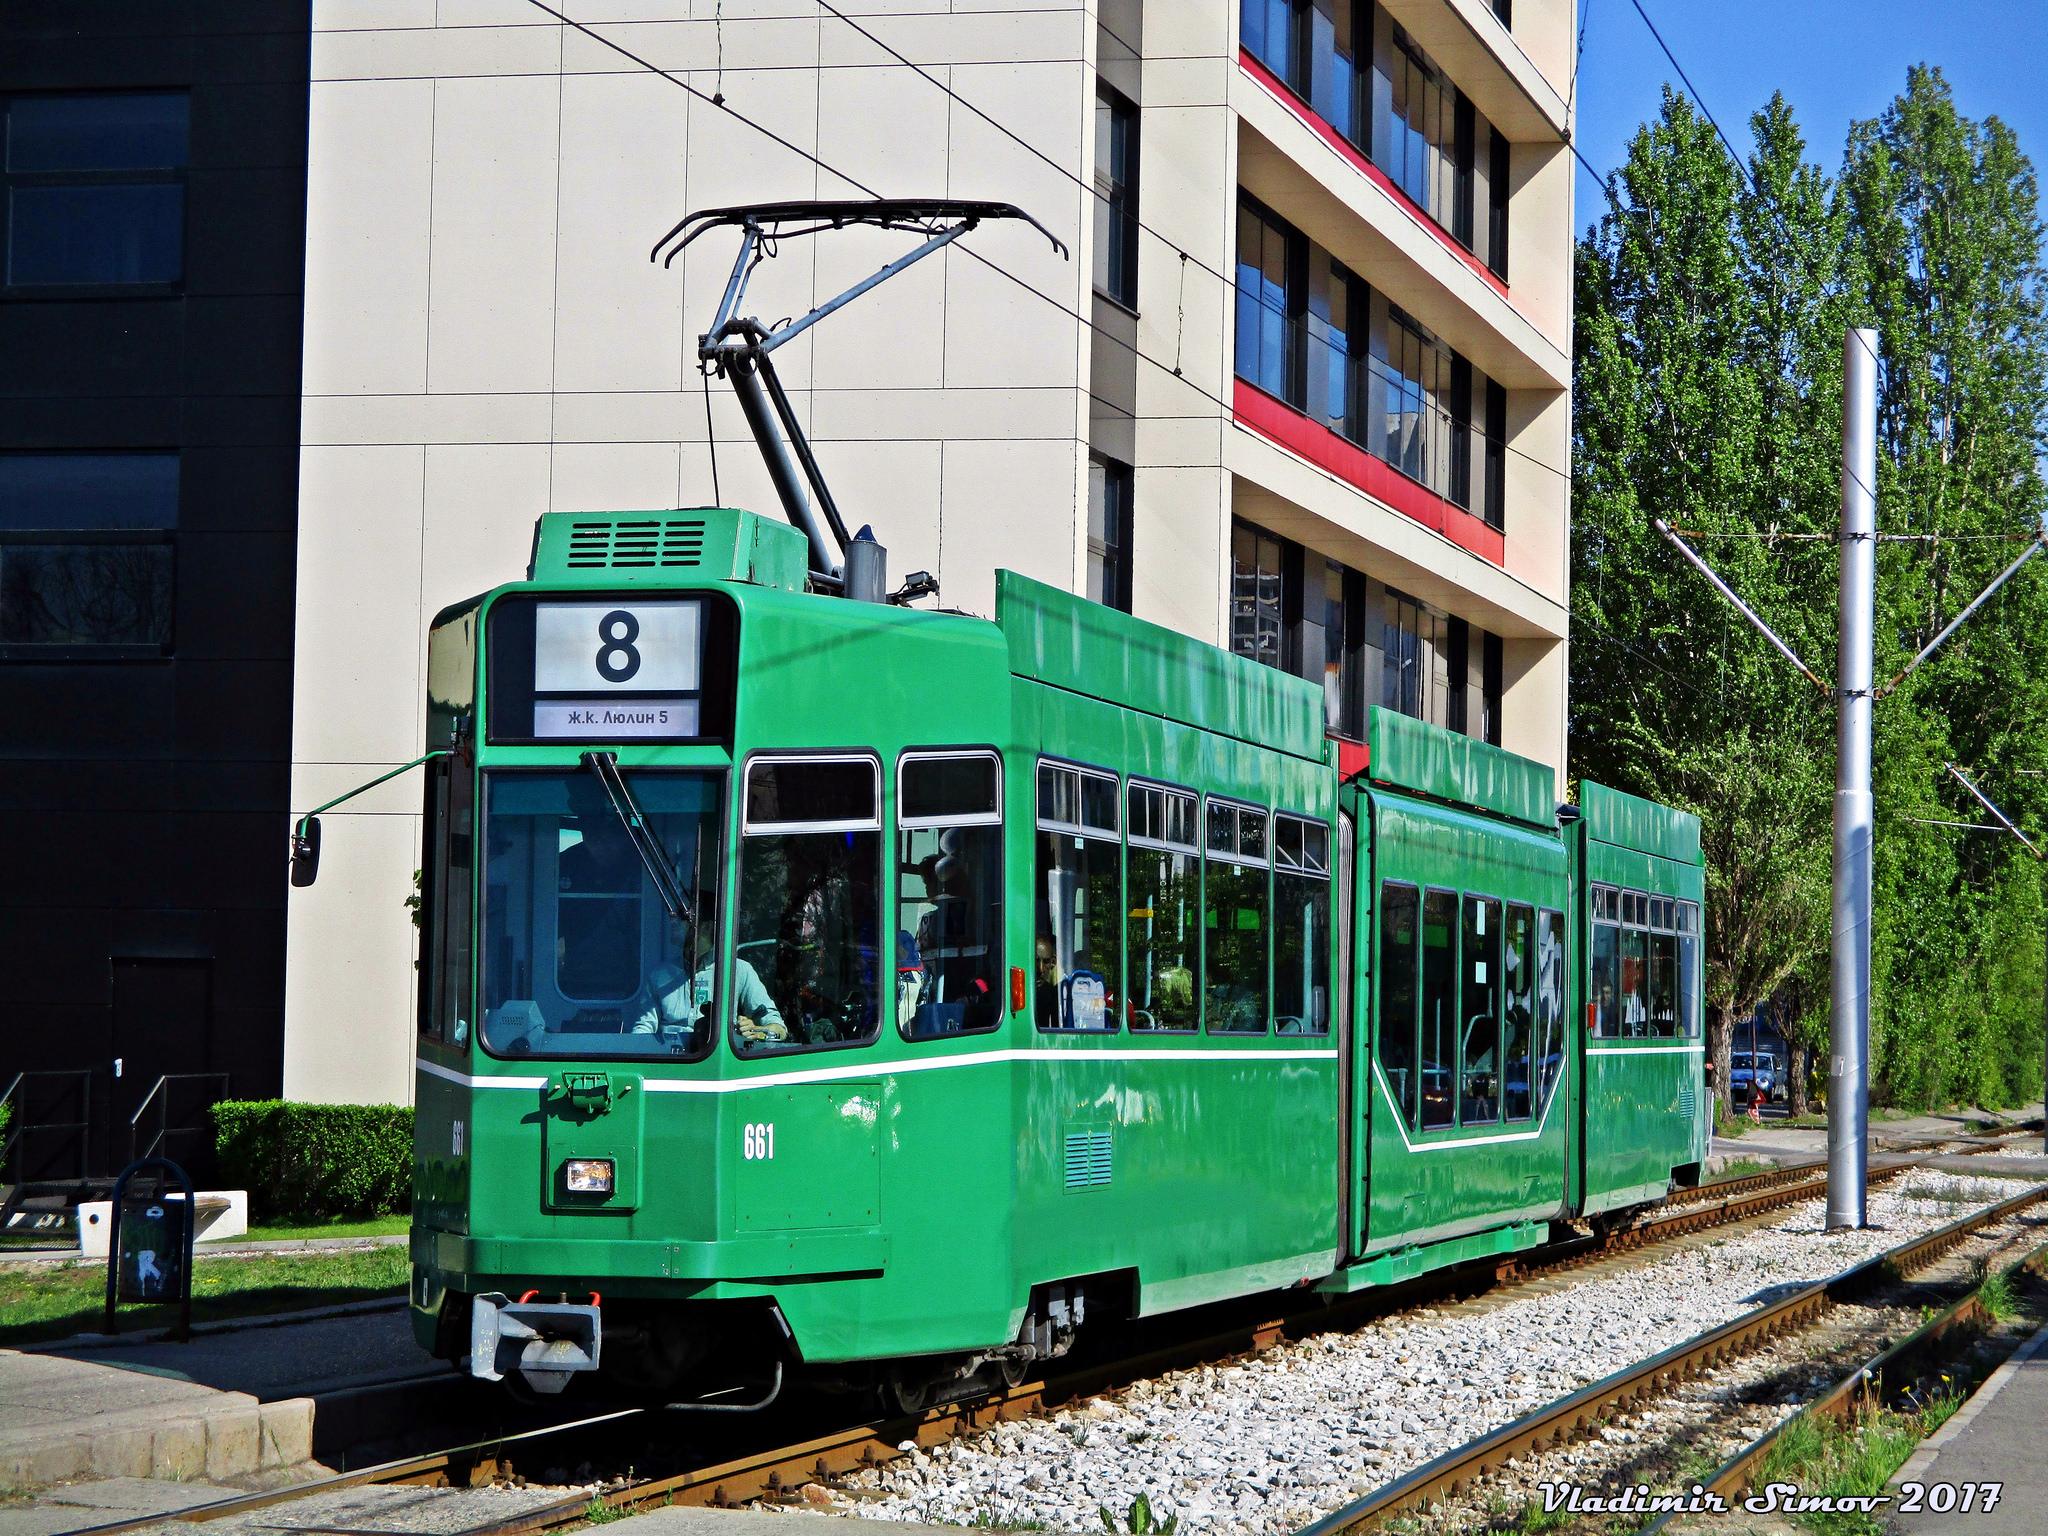 Ex-basilejský vůz Be 4/6S byl zachycen v Sofii na lince č. 8 první den provozu s cestujícími (24. 4. 2017). (foto: Vladimir Simov)